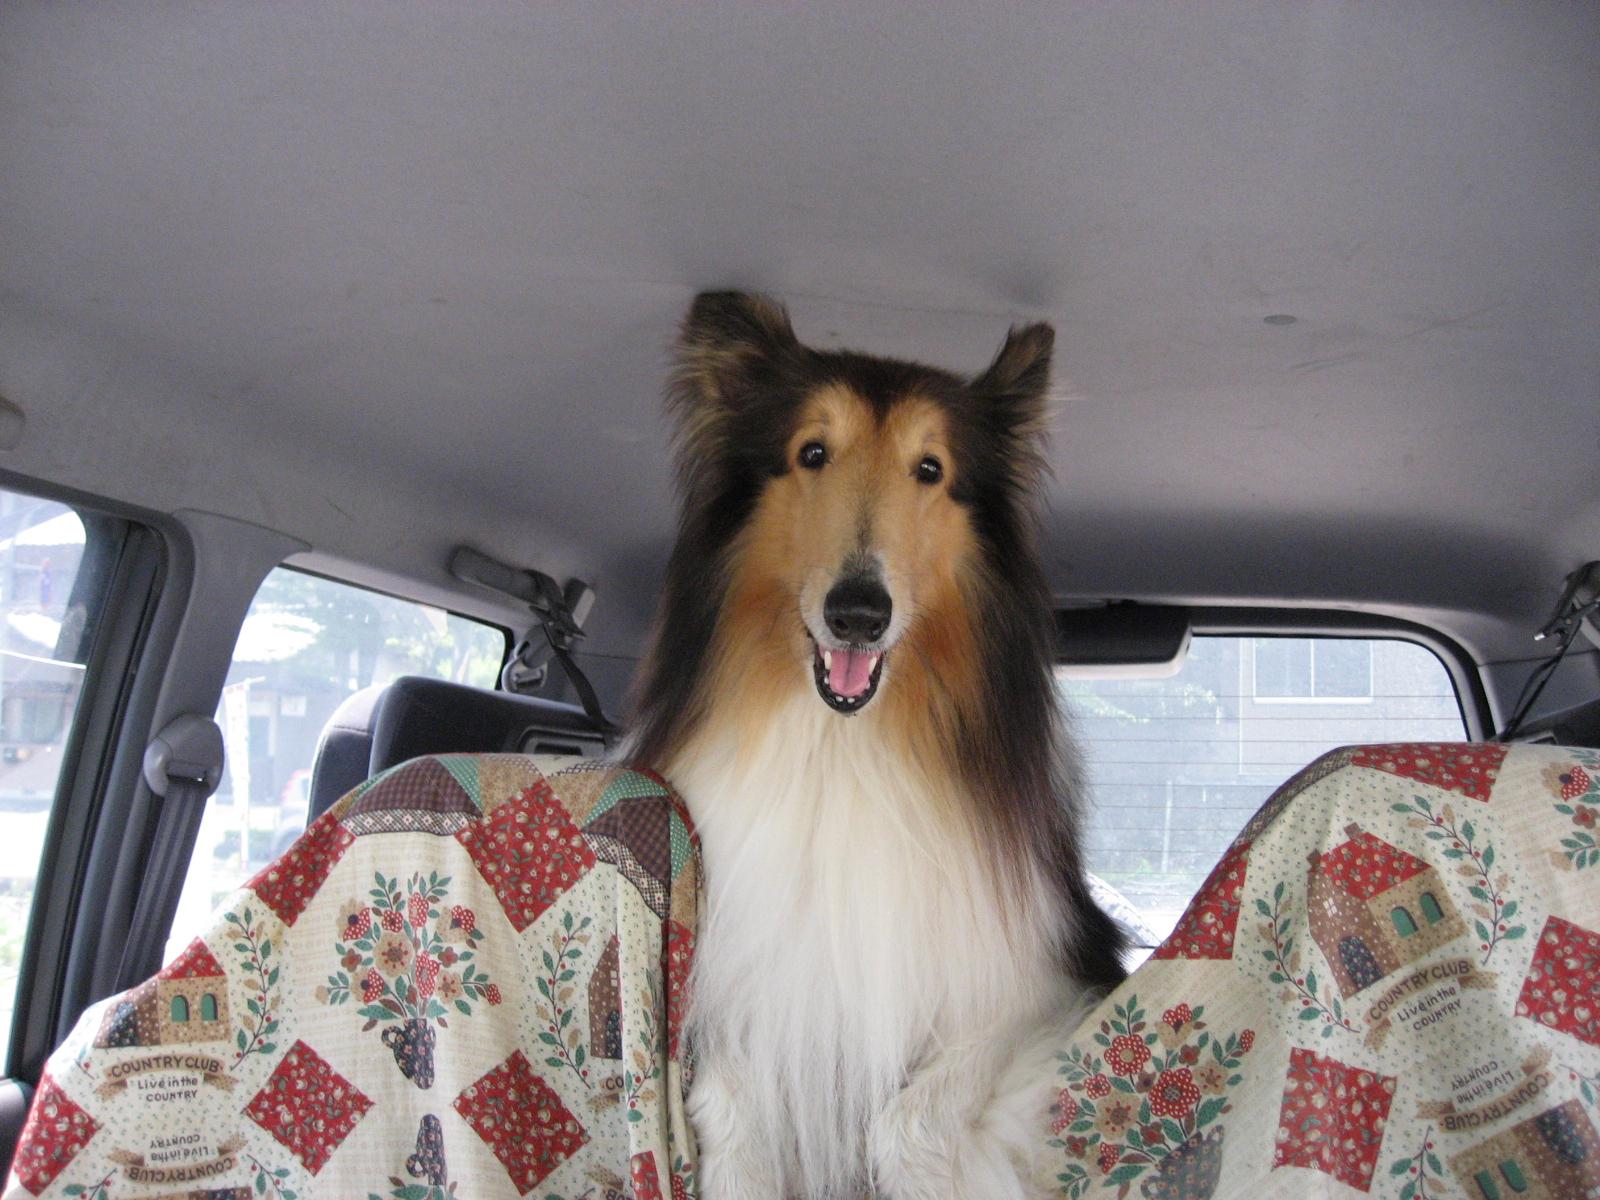 http://www.lucky-dog.jp/weblog/image/IMG_1246.JPG